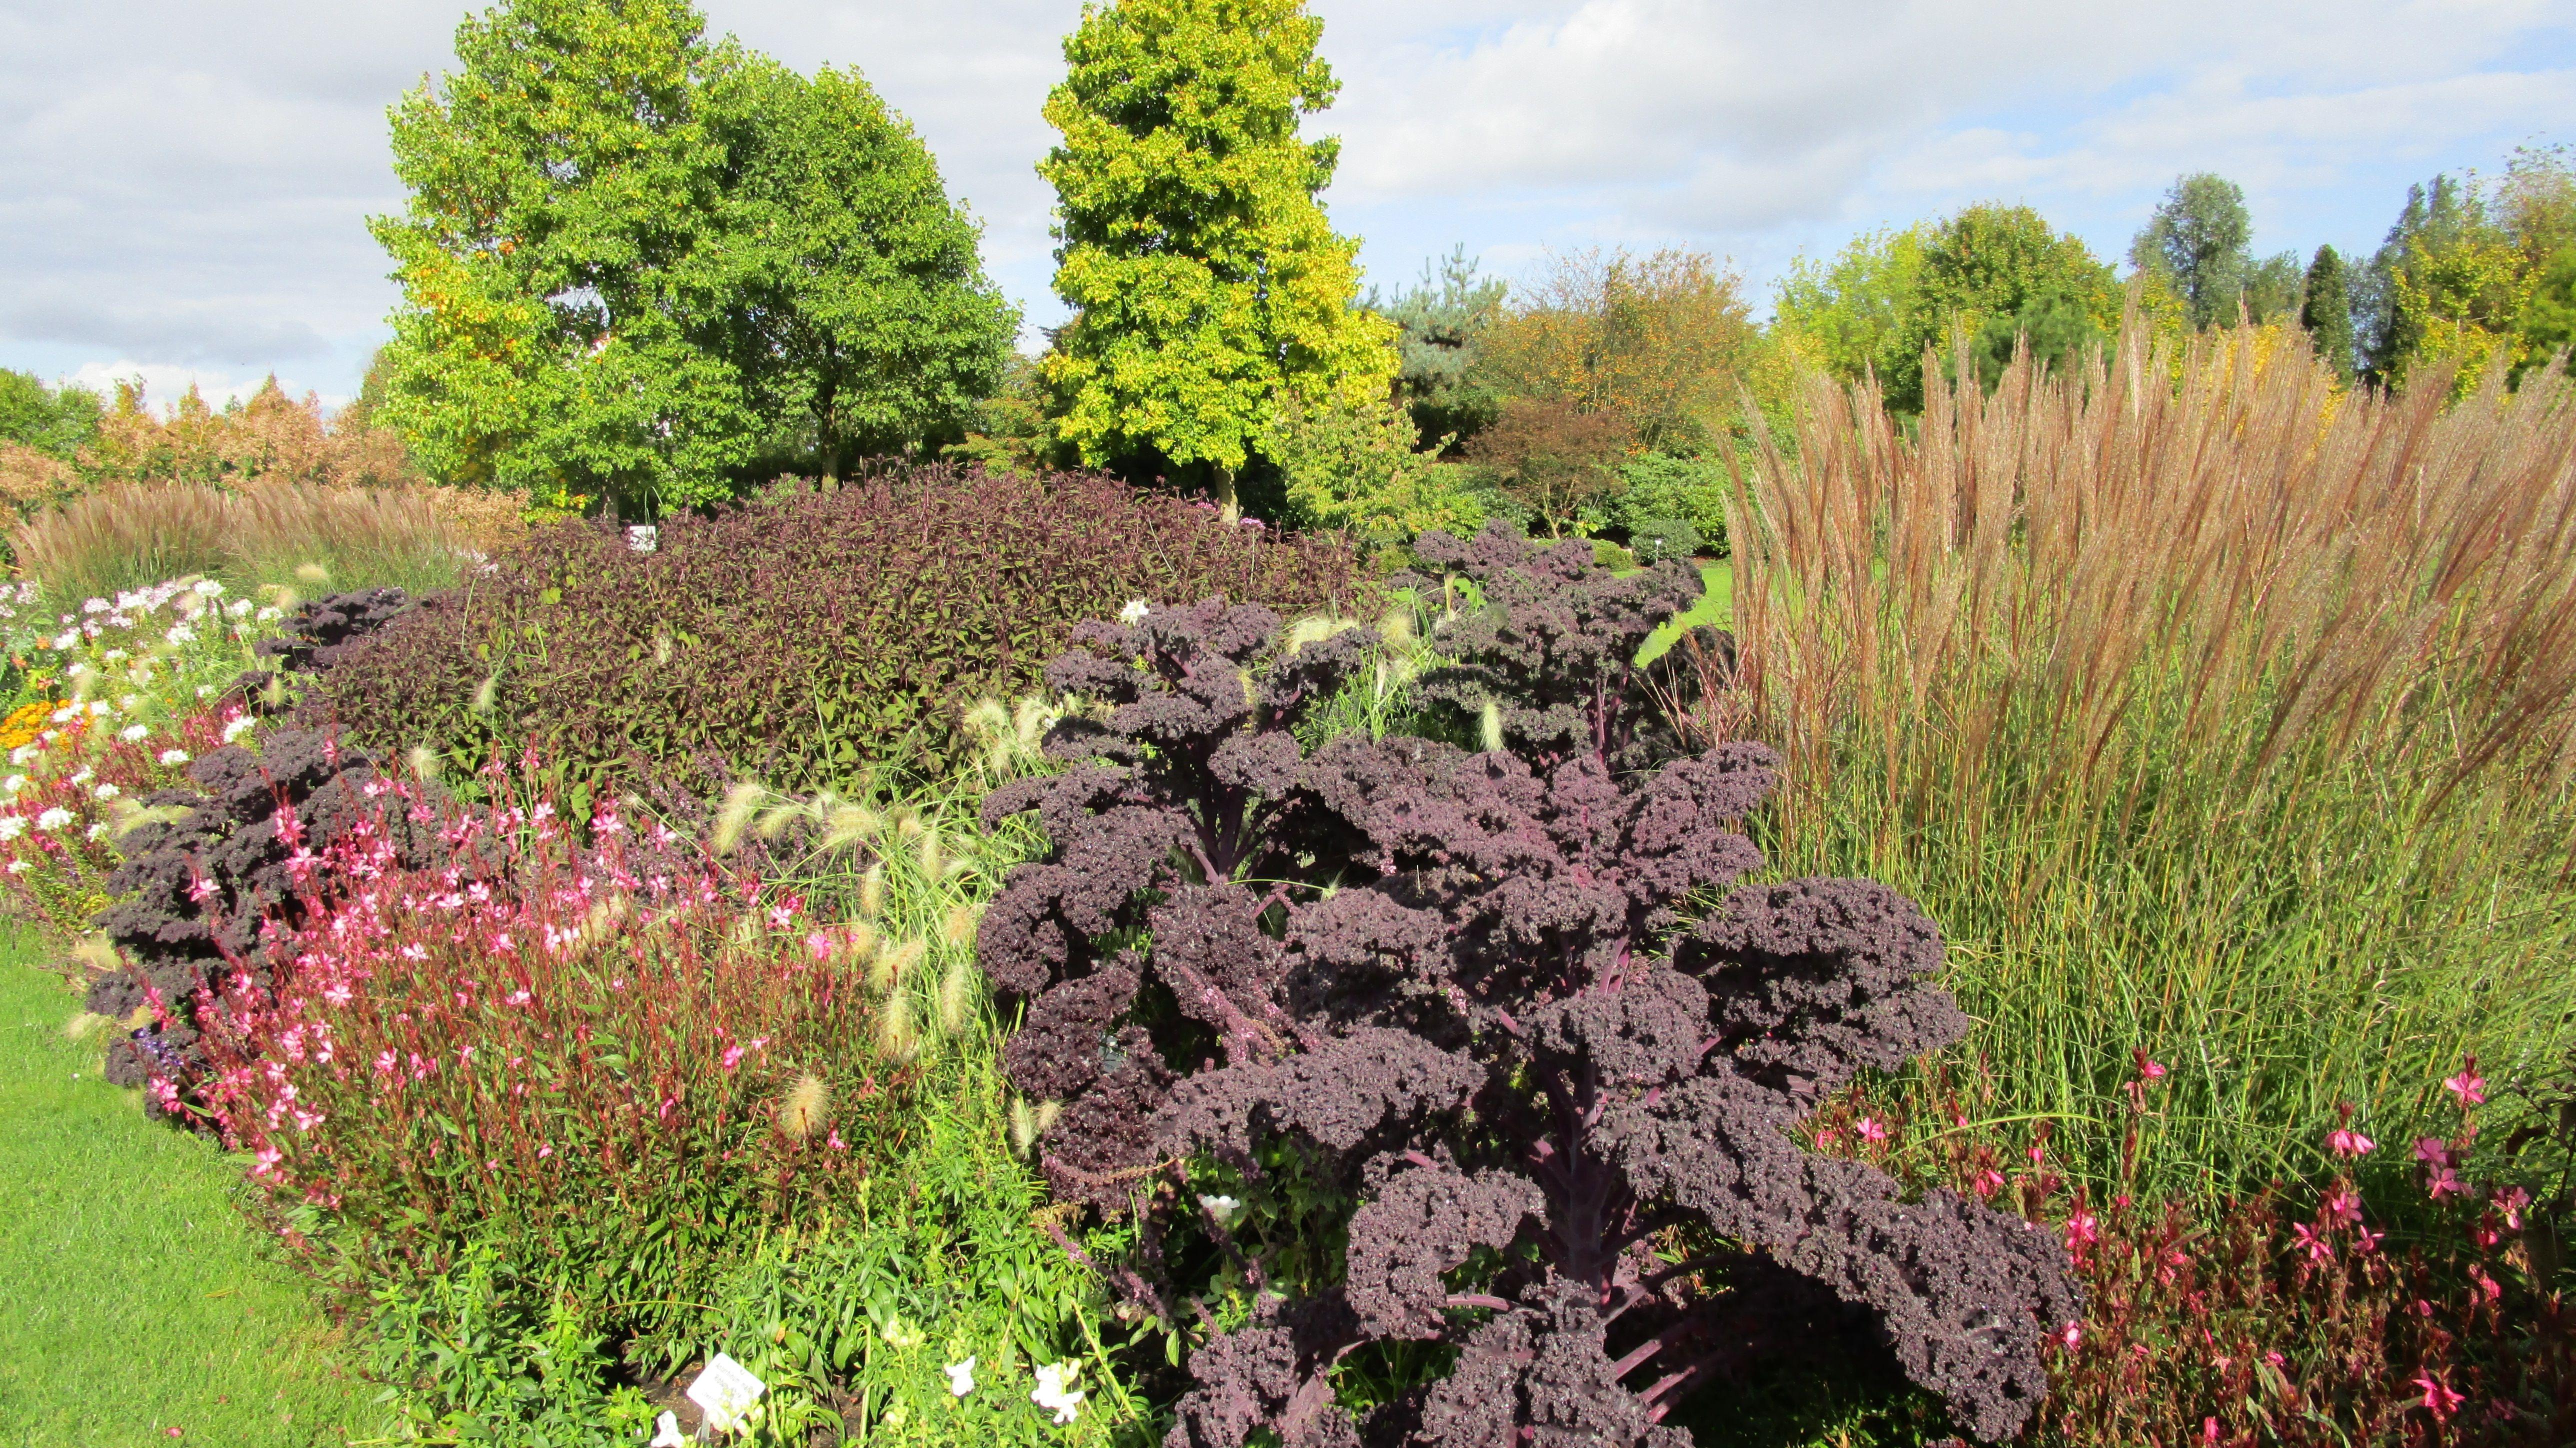 Im Park Der Garten In Bad Zwischenahn Wachst Im Herbst Roter Grunkohl Pflanzen Garten Natur